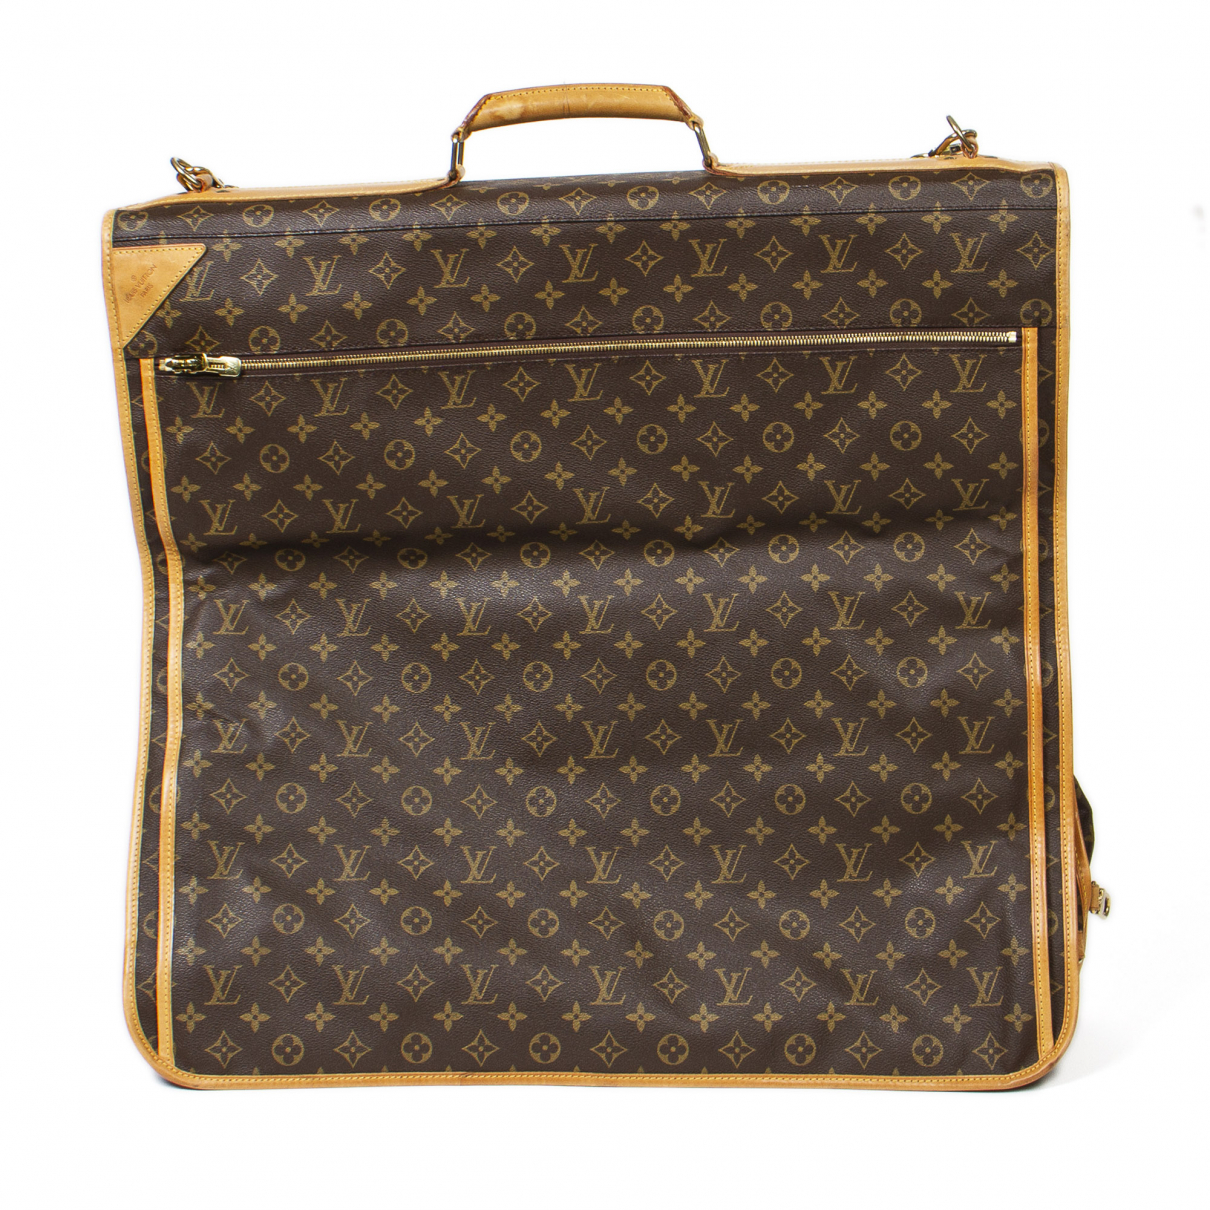 Louis Vuitton - Sac de voyage Garment pour femme en coton - marron